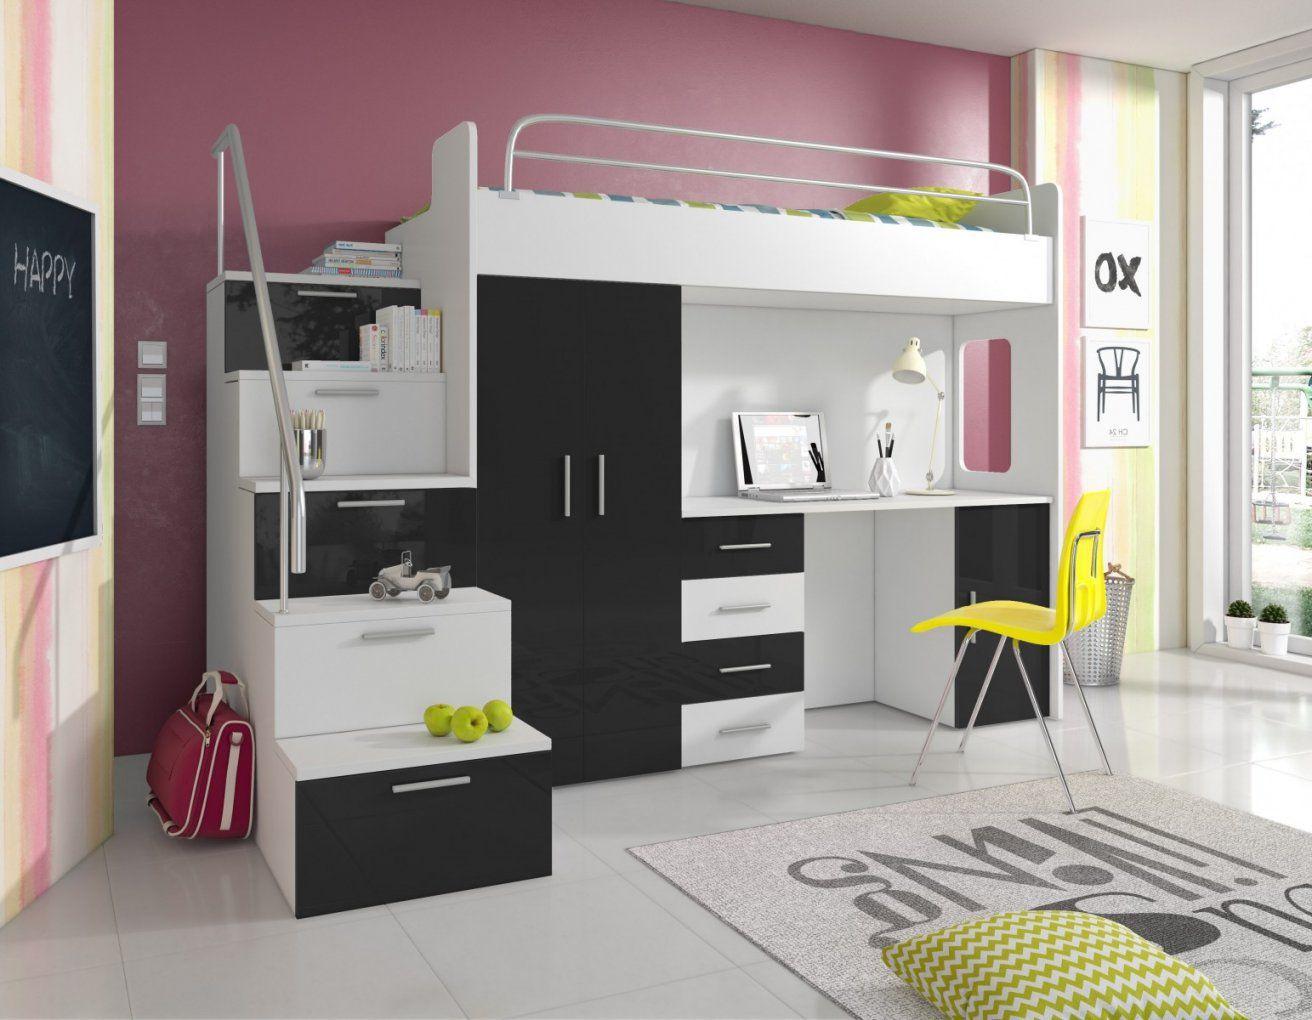 Bett Schreibtisch Kombination Mobel 51 Genial Fotos Von Bett Mit